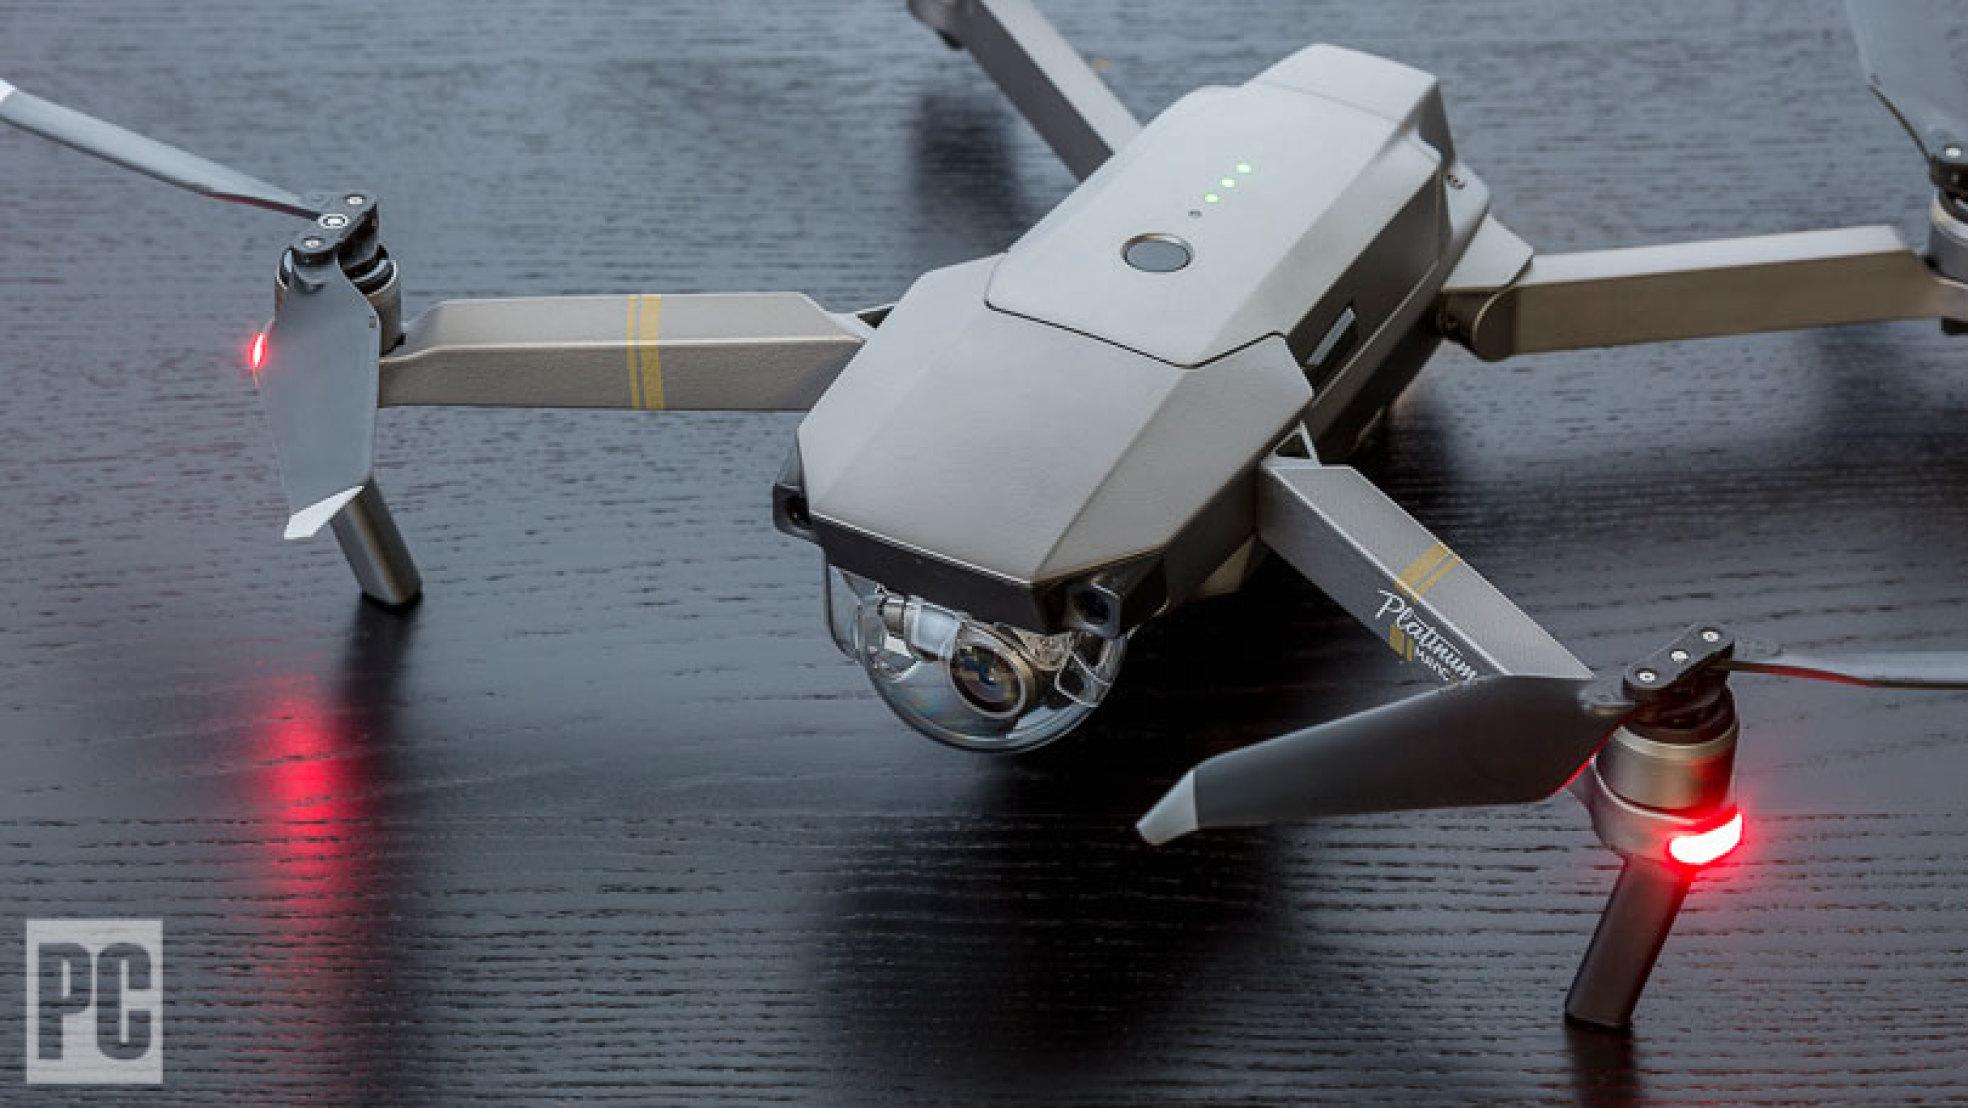 Ünlü drone üreticisi DJI, ABD kara listesine alındı!